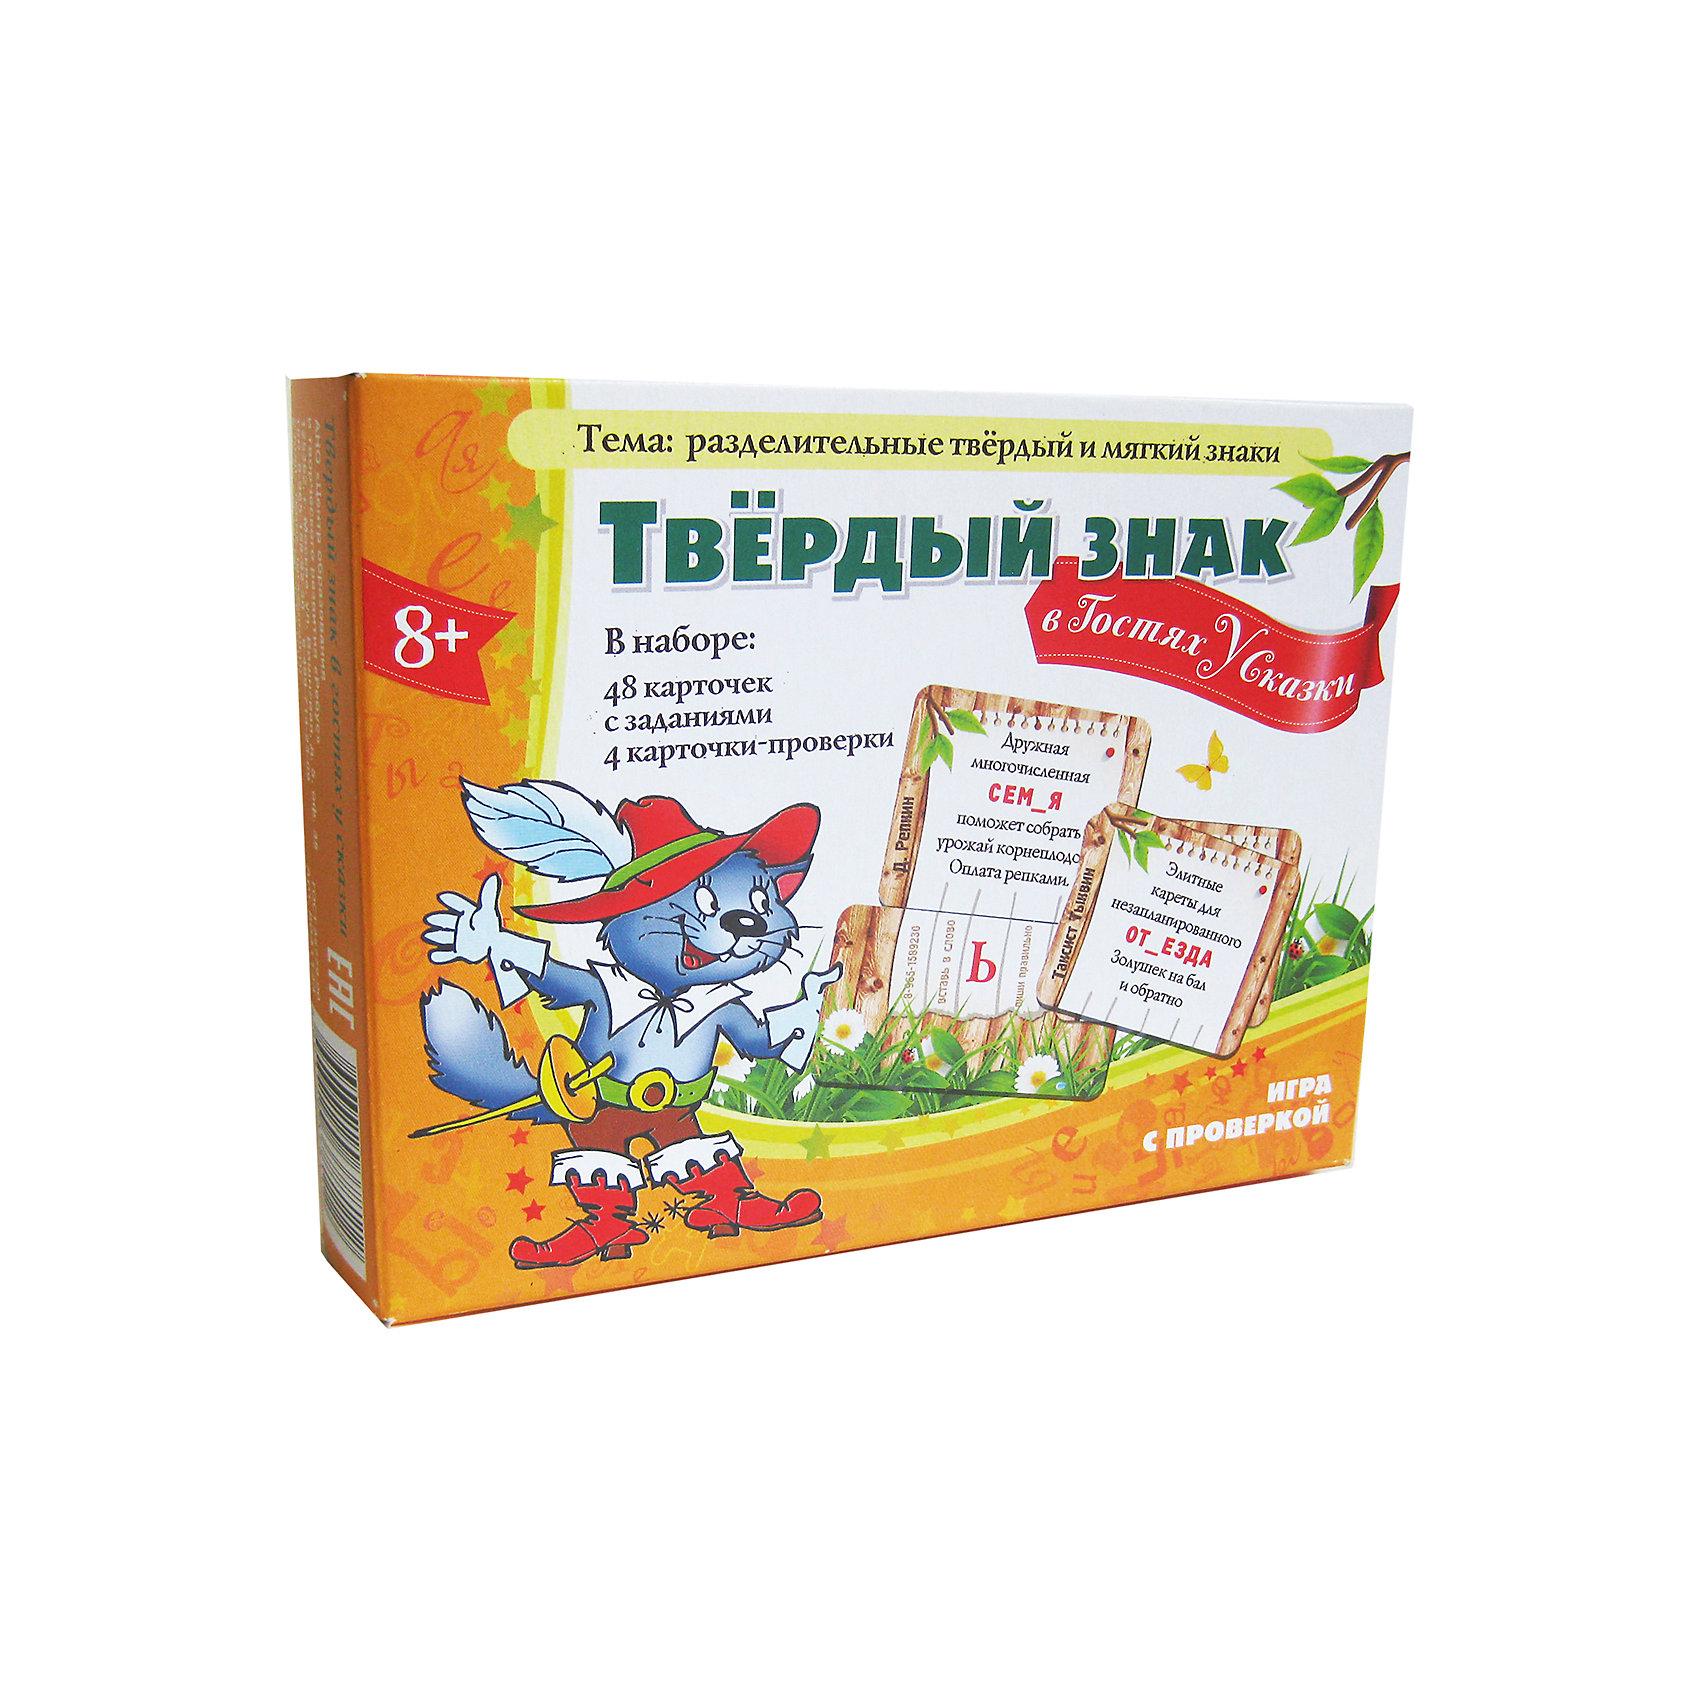 Твердый знак в гостях у сказки, Игротека Татьяны БарчанОбучающие карточки<br>Твердый знак в гостях у сказки, Игротека Татьяны Барчан.<br><br>Характеристики:<br><br>• Для детей в возрасте: от 8 до 12 лет<br>• В комплекте: 48 карточек с объявлениями, 4 проверочных карточки, инструкция<br>• Тема: Разделительный твердый и мягкий знаки<br>• Материал: плотный качественный картон<br>• Производитель: ЦОТР Ребус (Россия)<br>• Упаковка: картонная коробка<br>• Размер упаковки: 135х177х41 мм.<br>• Вес: 208 гр.<br><br>В игре Твердый знак в гостях у сказки детям предлагается закрепить свои знания о правописании разделительных знаков и потренироваться на необычном не учебном материале. В наборе 48 карточек с объявлениями сказочных героев. В объявлениях есть словарные и многозначные слова, а также устаревшие названия с редким толкованием, в которые надо вставить мягкий или твёрдый знак. <br><br>Карточки с объявлениями могут находиться у ведущего или лежать на столе рубашками вверх. Задача игроков - определить пропущенную букву и проверить правильность своего ответа по карточке-проверке. Если знак назван, верно - игрок зарабатывает одно очко и забирает карточку себе. <br><br>Игра развивает память, внимание и расширяет словарный запас. Она послужит отличным подарком, и может быть использована при проведении викторин и конкурсов, а также для семейного досуга.<br><br>Игру Твердый знак в гостях у сказки, Игротека Татьяны Барчан можно купить в нашем интернет-магазине.<br><br>Ширина мм: 180<br>Глубина мм: 135<br>Высота мм: 40<br>Вес г: 210<br>Возраст от месяцев: 96<br>Возраст до месяцев: 144<br>Пол: Унисекс<br>Возраст: Детский<br>SKU: 6751370